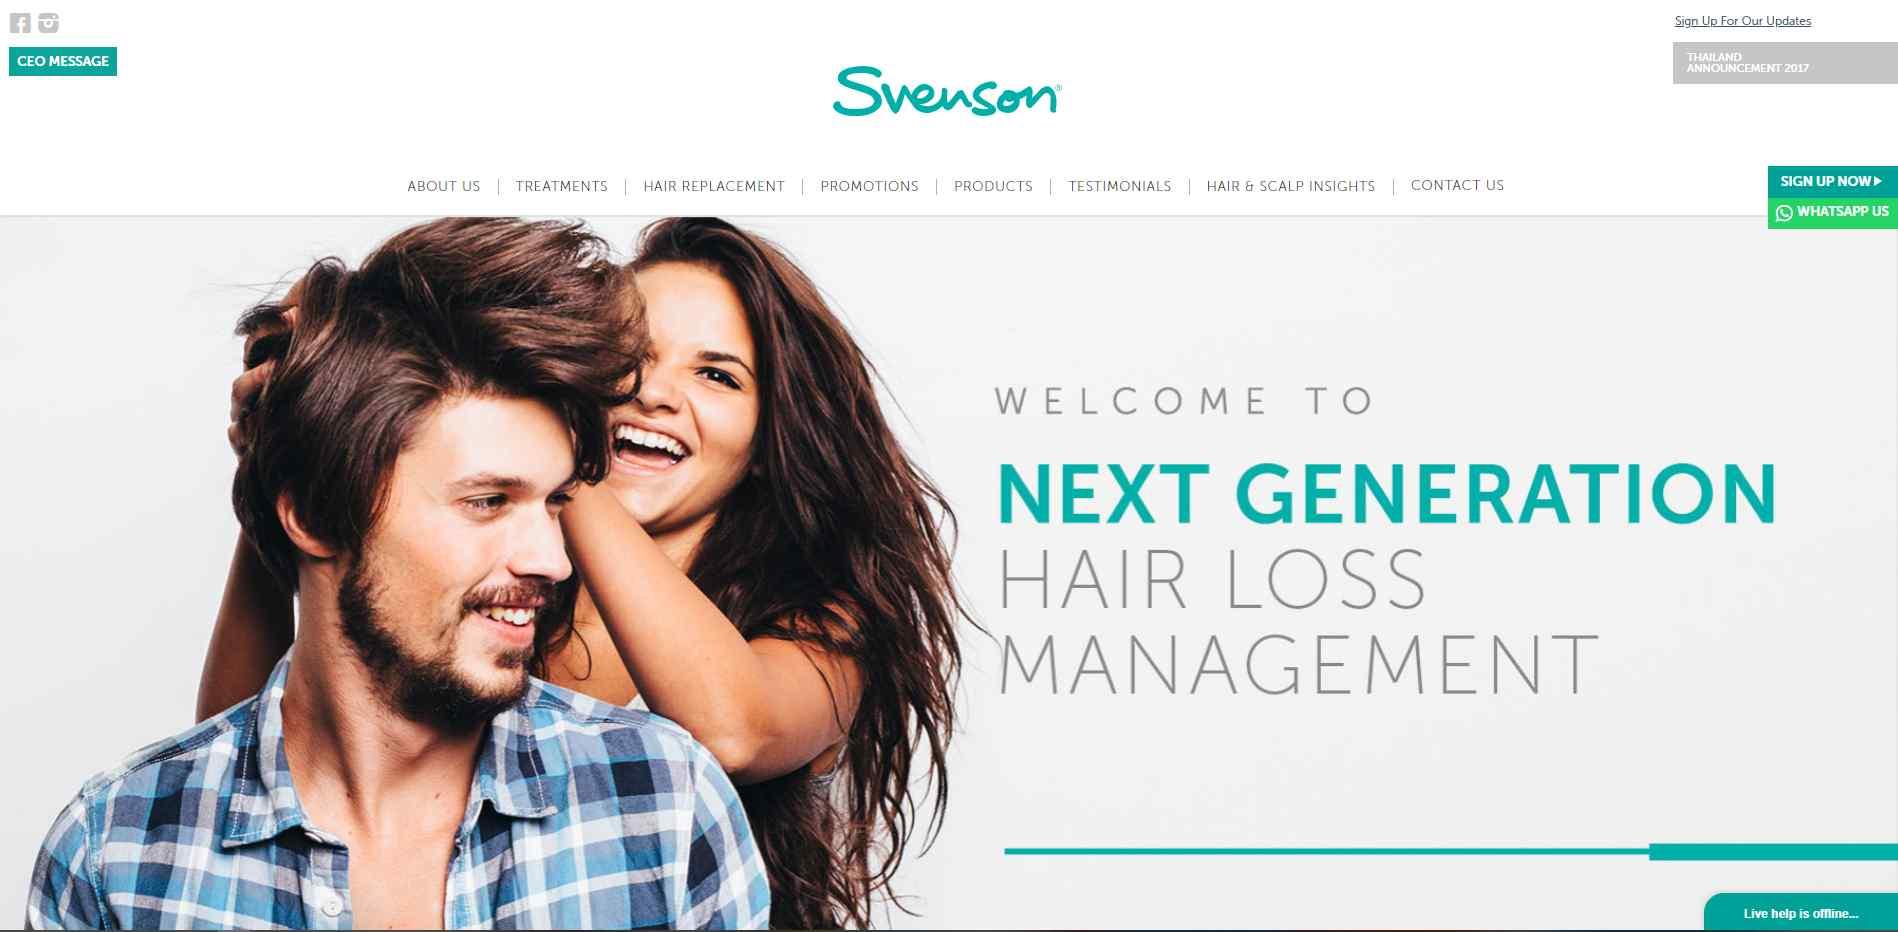 Svenson hair Top Hair Loss Treatment Clinics in Singapore